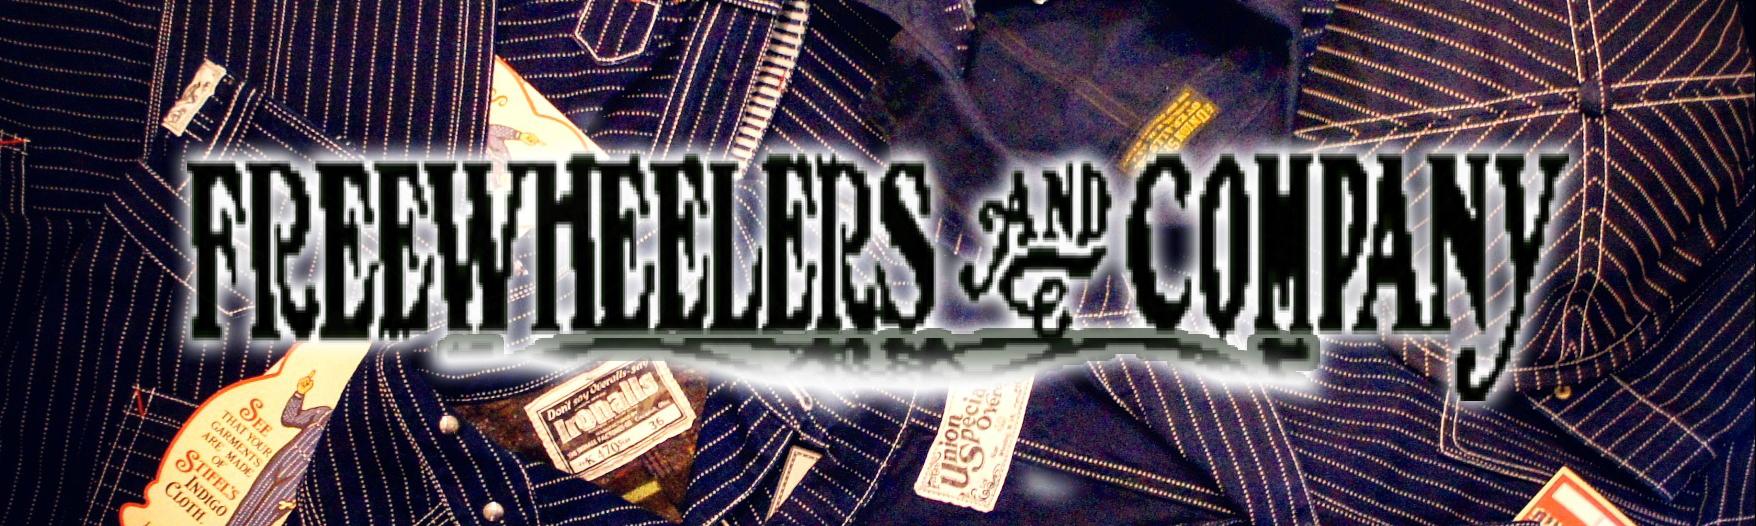 FREEWHEELERS10x3